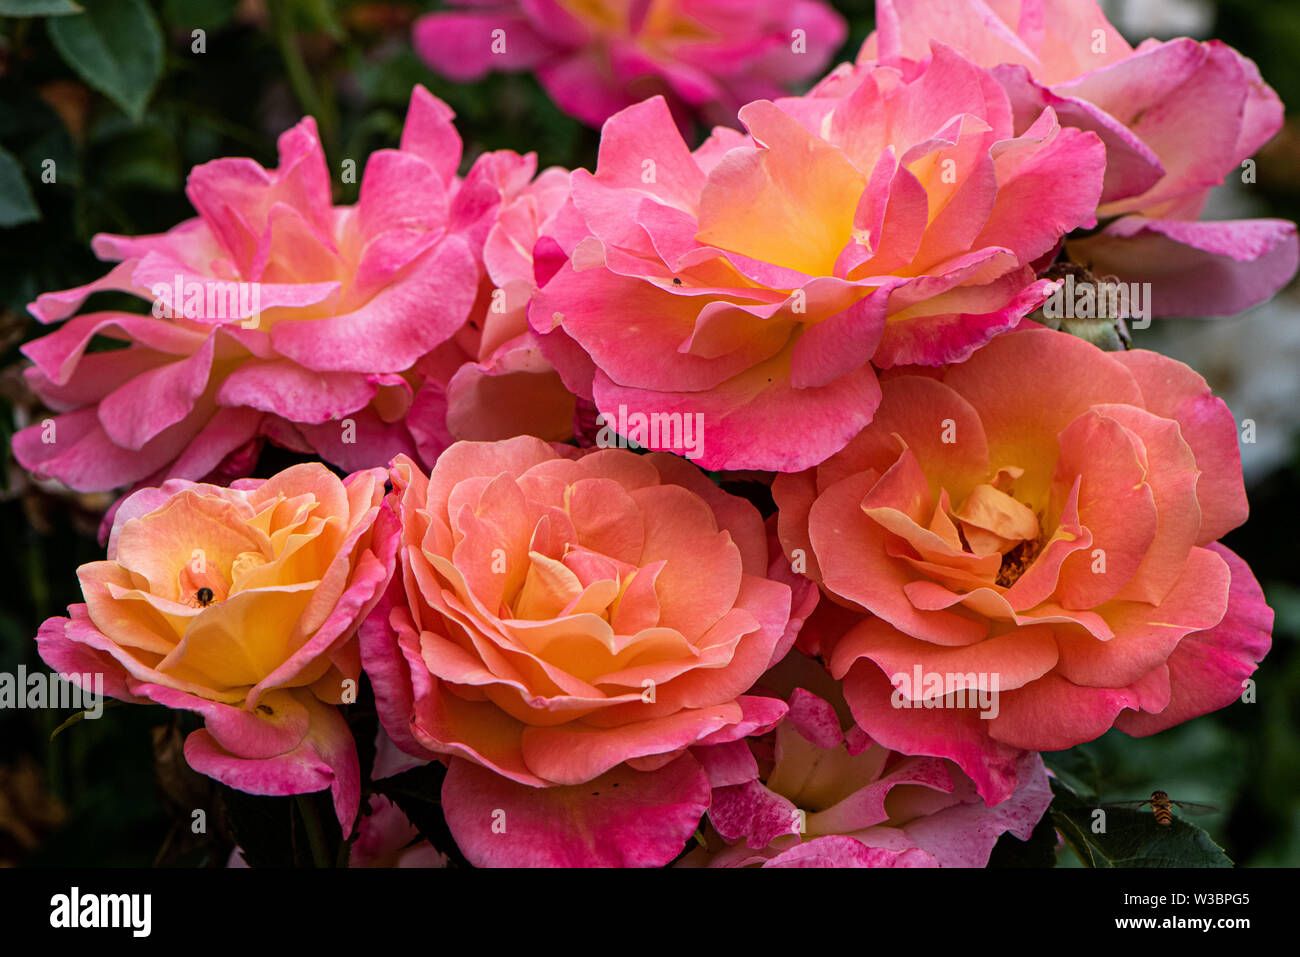 Roses in garden in Burbage, Wiltshire, UK - Stock Image